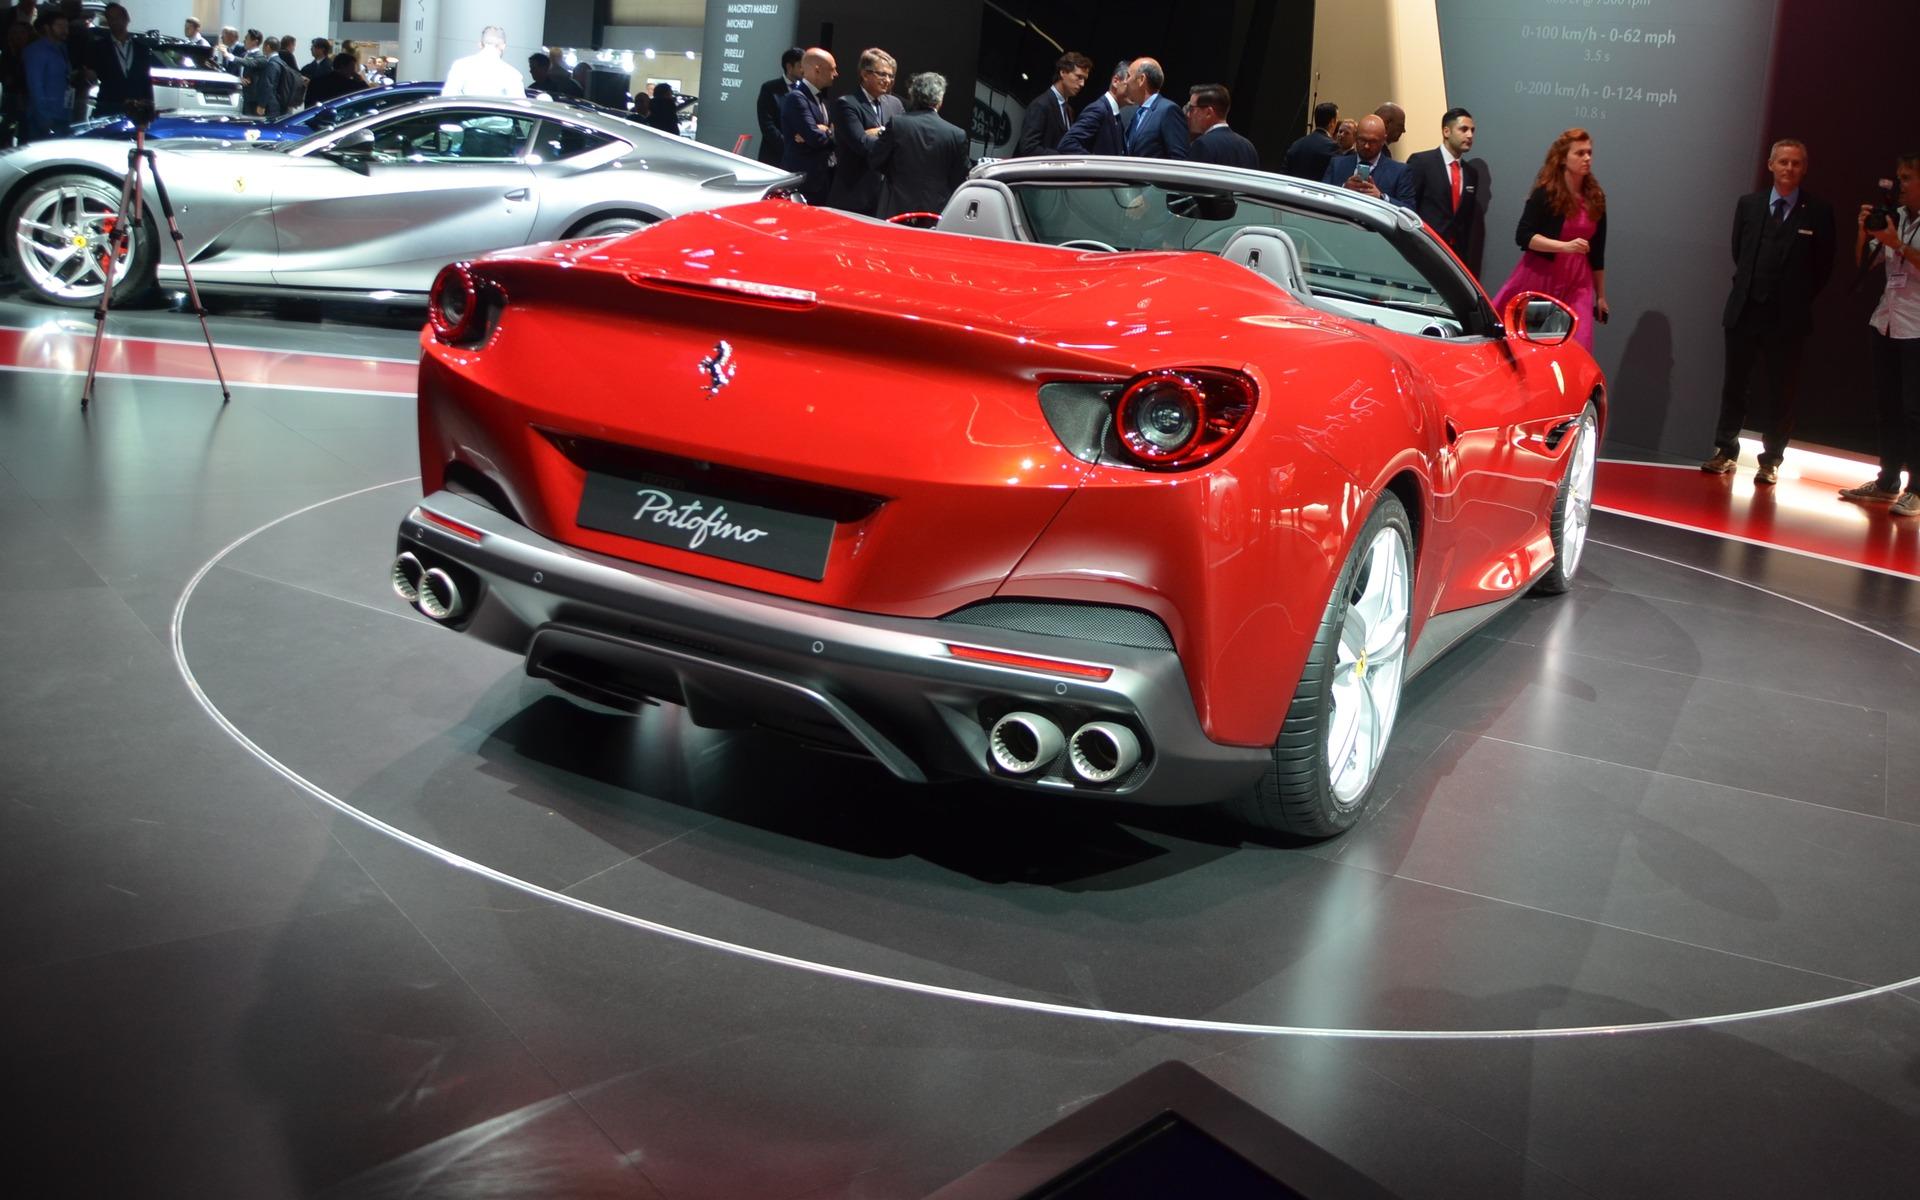 2018 Ferrari Portofino Photos 2 8 The Car Guide